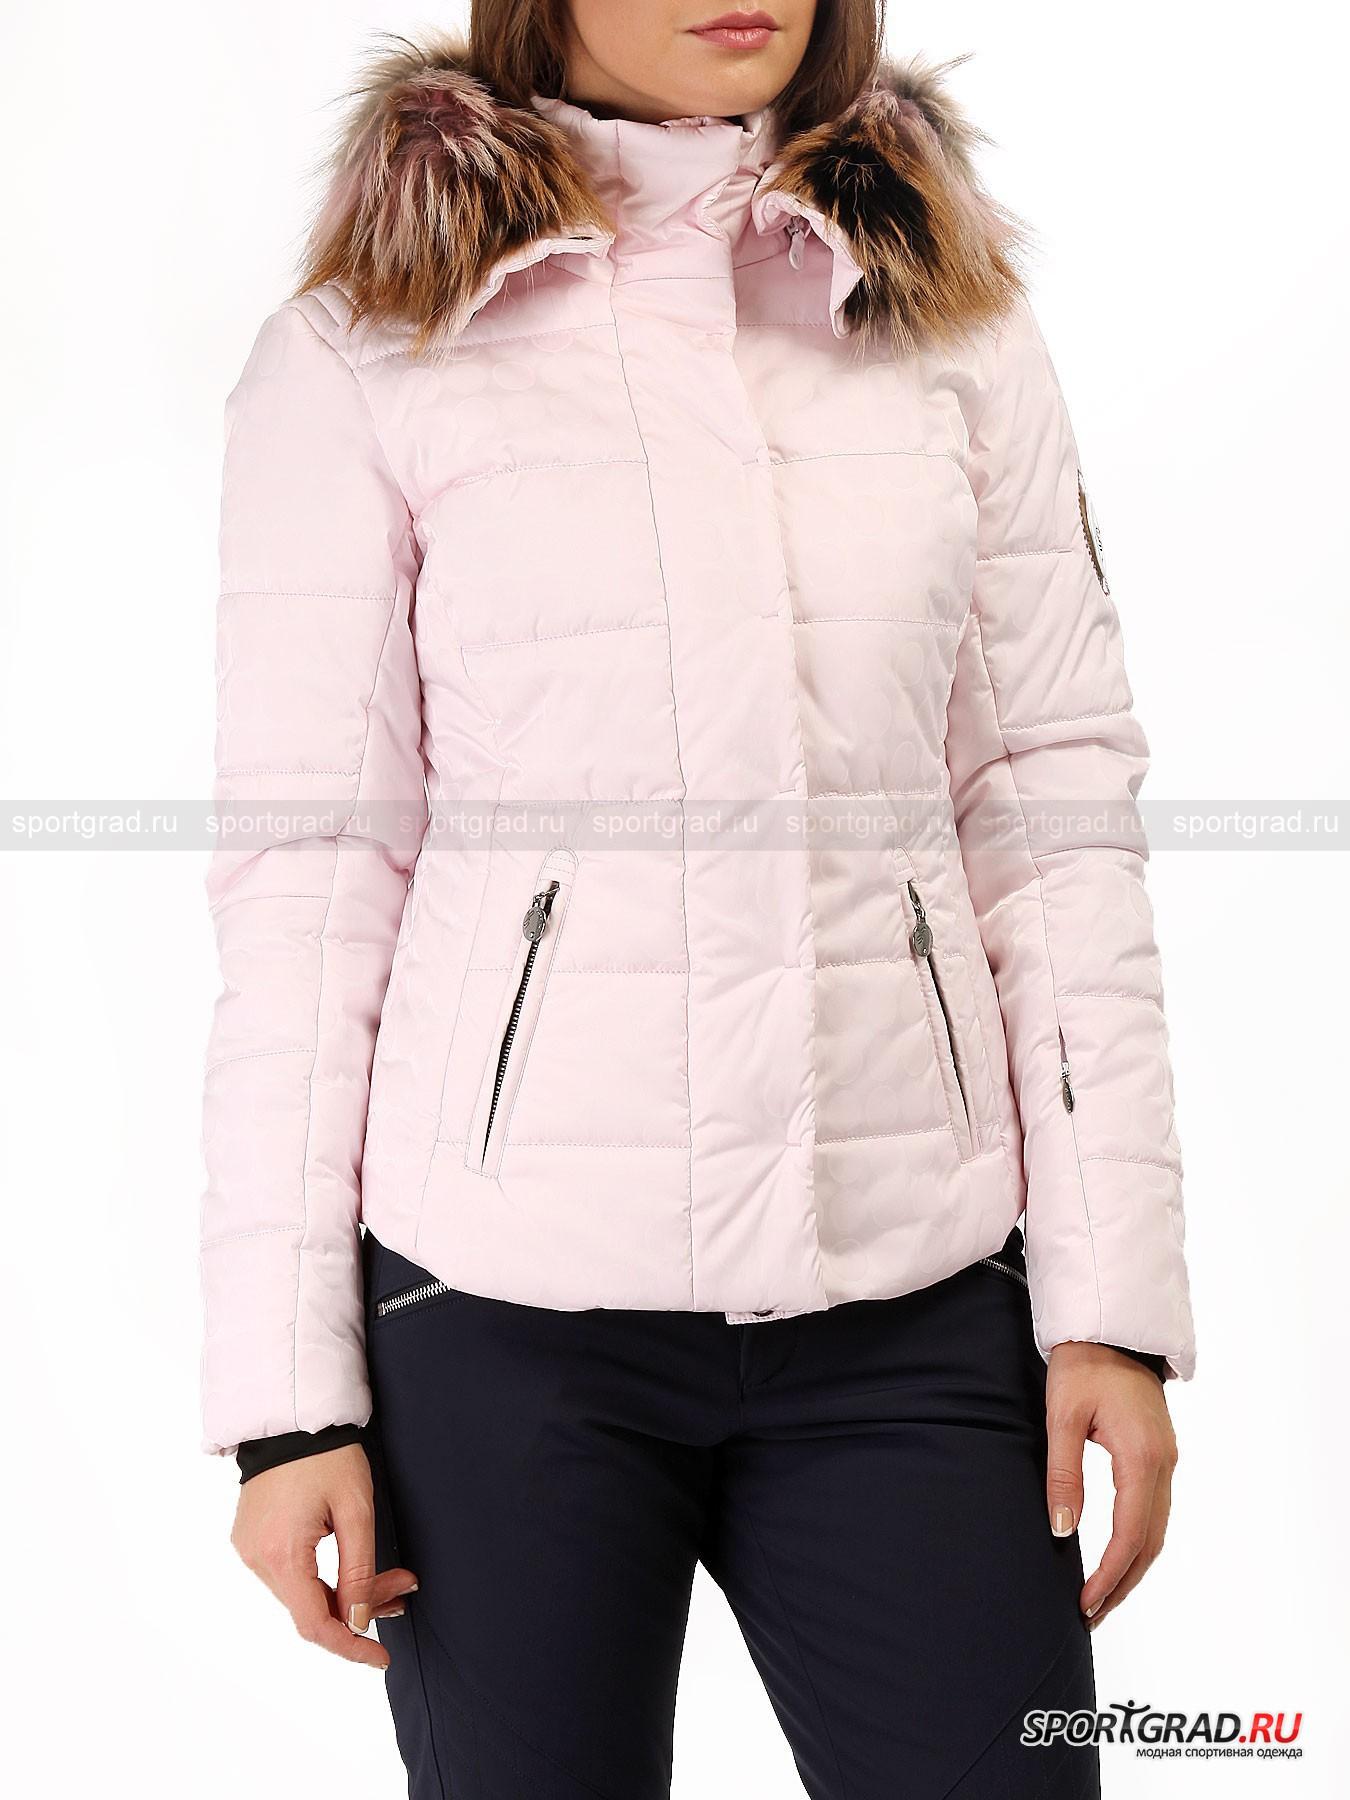 Куртка женская горнолыжная Atmosphere SPORTALMКуртки<br>Горнолыжные коллекции от известного австрийского бренда Sportalm – это сочетание изысканного оригинального дизайна, великолепного качества и комфорта в носке. Вот уже почти полвека Sportalm – неотъемлемая часть истории лыжной моды в Европе.<br><br>В бледно-розовой куртке с принтом-«горохом» по всей поверхности Atmosphere Sportalm вы будете прекрасны и нежны, как рассвет в горах. Модель имеет приталенный крой, она легкая  очень теплая, а также снабжена качественной фурнитурой и эффектными деталями отделки. Роскошная вещь для стильных женщин.<br><br>Особенности модели:<br>- водоустойчивость 10000 мм водяного столба;<br>- вшитые отражатели Recco, позволяющие ускорить нахождение человека в зоне схода лавины;<br>- снегозащитная юбка;<br>- фронтальная молния с двумя бегунками;<br>- кнопки поверх молнии;<br>- съемный капюшон с отстегивающейся опушкой из натурального меха;<br>- два кармана спереди и  один на рукаве;<br>- три внутренних кармана;<br>- аппликация из страз на спине;<br>- эластичные манжеты.<br><br>Пол: Женский<br>Возраст: Взрослый<br>Тип: Куртки<br>Рекомендации по уходу: Стирка при 30 С; нельзя гладить, отбеливать, подвергать химической чистке, выжимать и сушить в стиральной машине<br>Состав: Материал верха: 1)52% полиамид, 40% полиуретан, 8% эластан 2)77% полиамид, 23% полиуретан; подкладка 97% полиэстер, 3% эластан; наполнитель 100% полиэстер